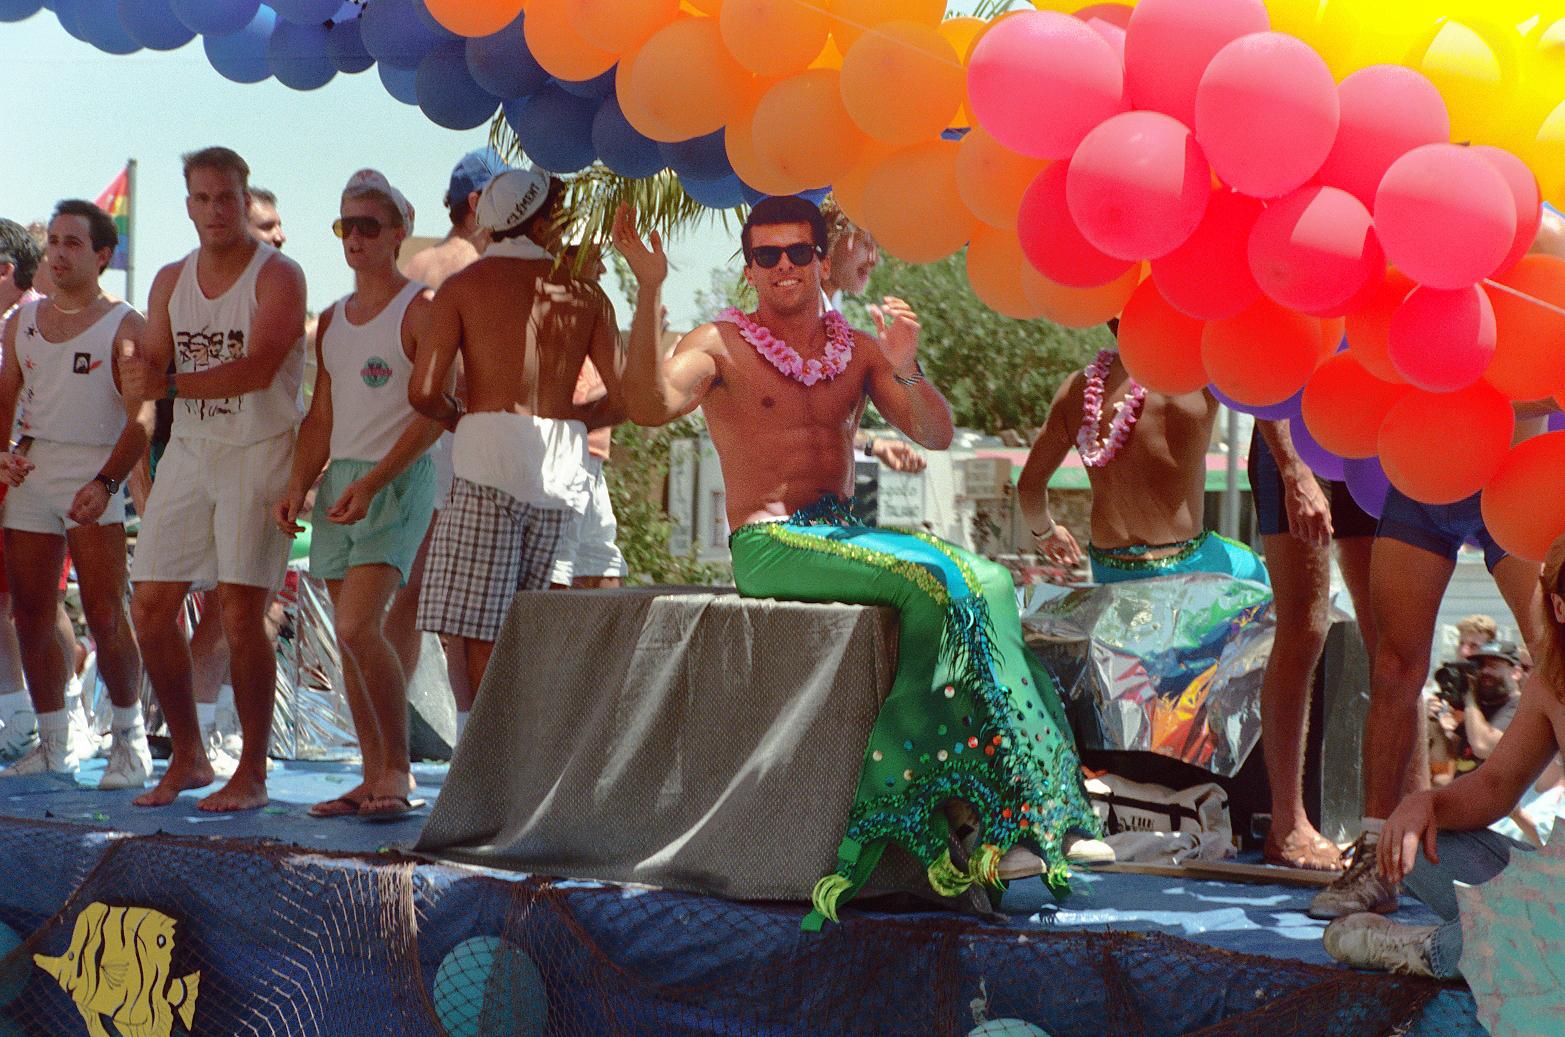 la-pride-1987-1995_22311115055_o